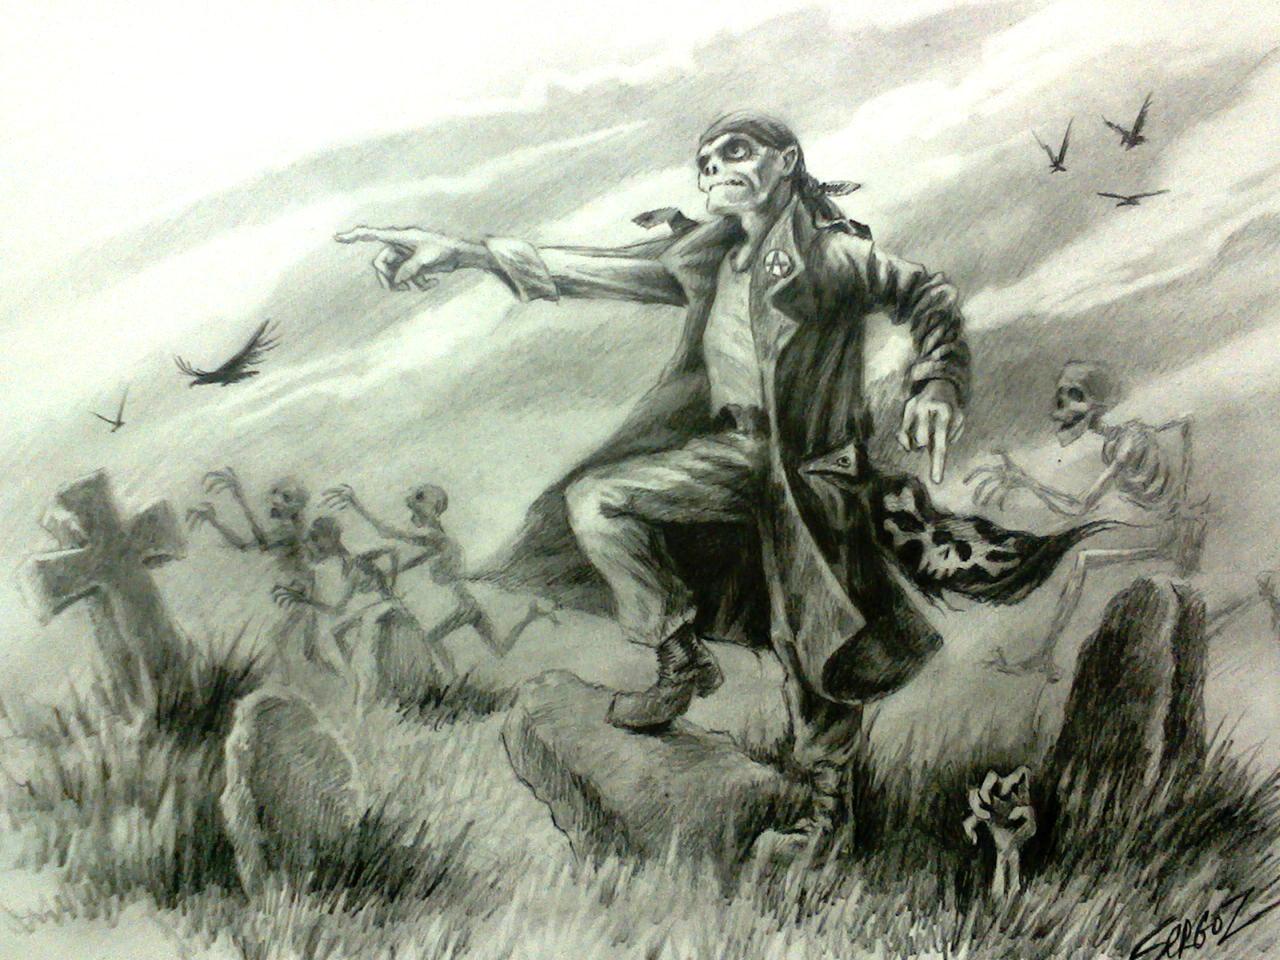 среди ублюдков шел артист в кожаном